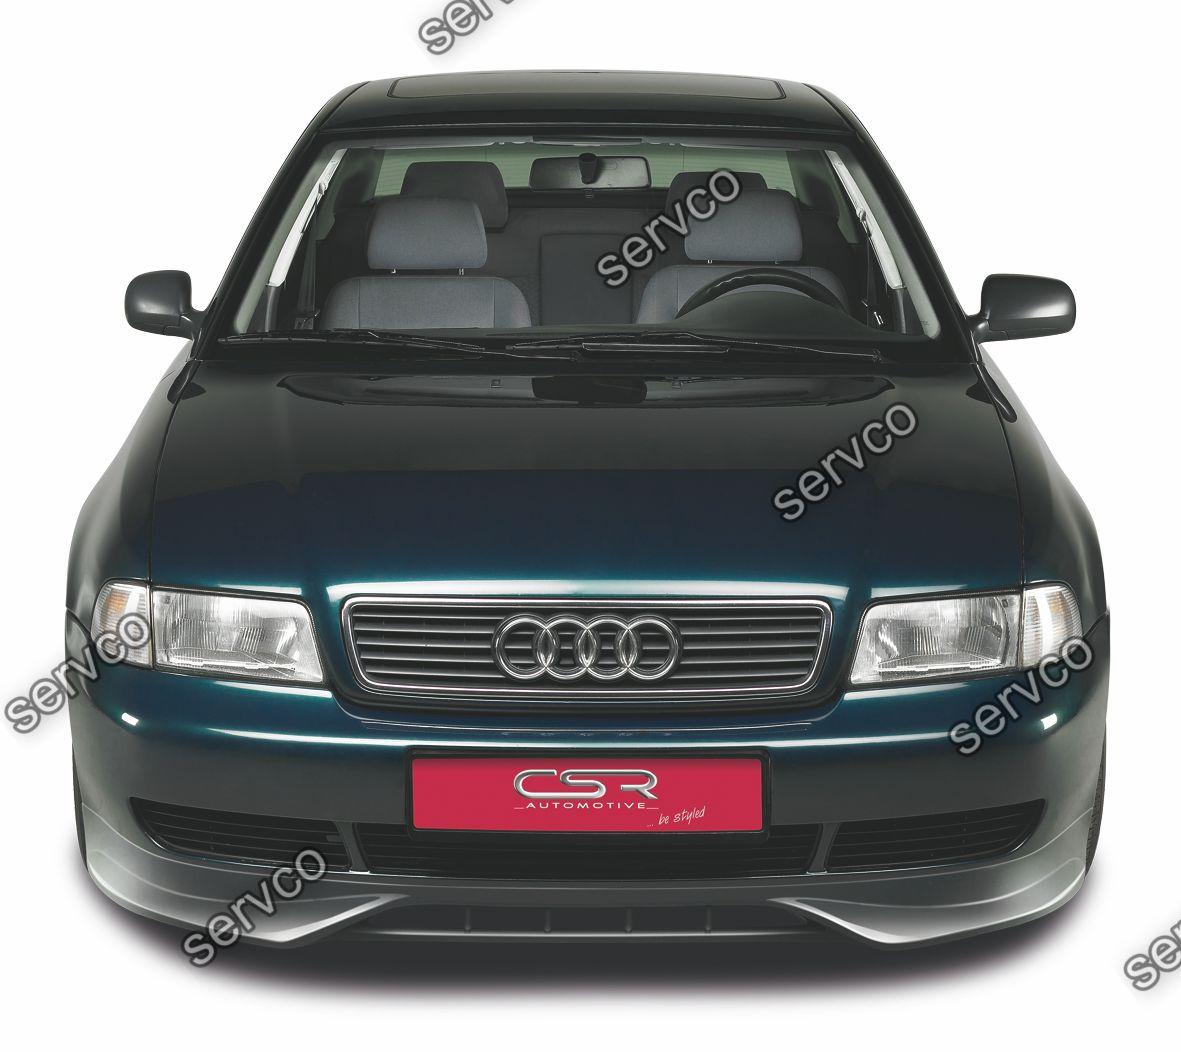 Prelungire tuning sport bara fata Audi A4 B5 CSR FA063 1994-1999 v1